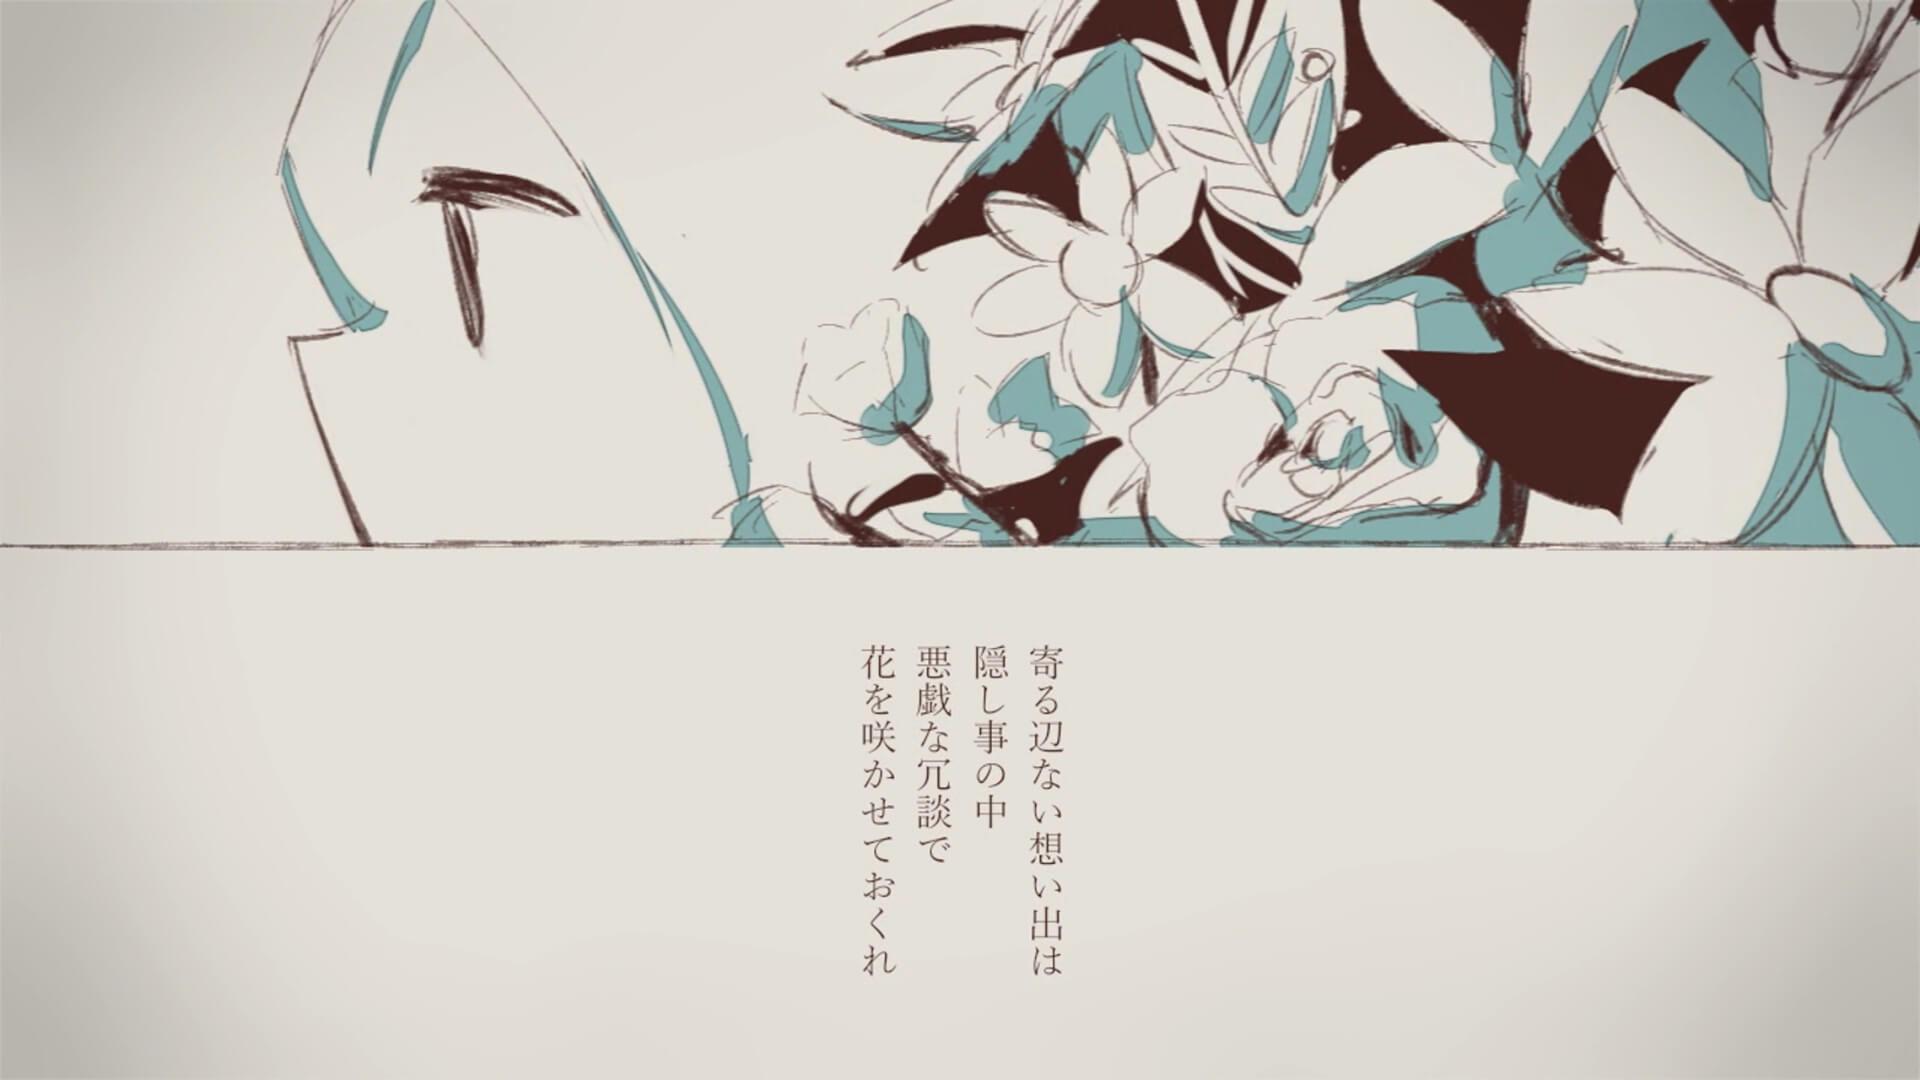 須田景凪が語る自らの音楽を昇華させるアボガド6、吉野耕平らの映像表現 interview200615__sudakeina_07